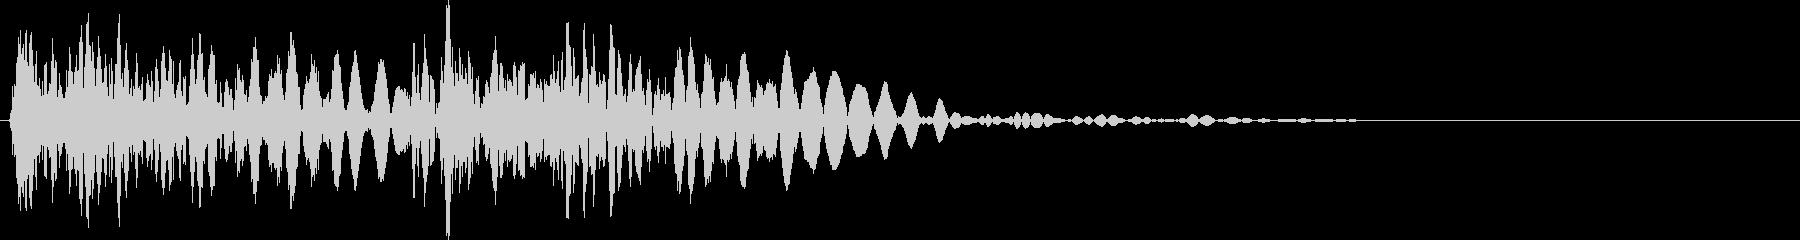 ダンダンッ(2連続キック攻撃)の未再生の波形